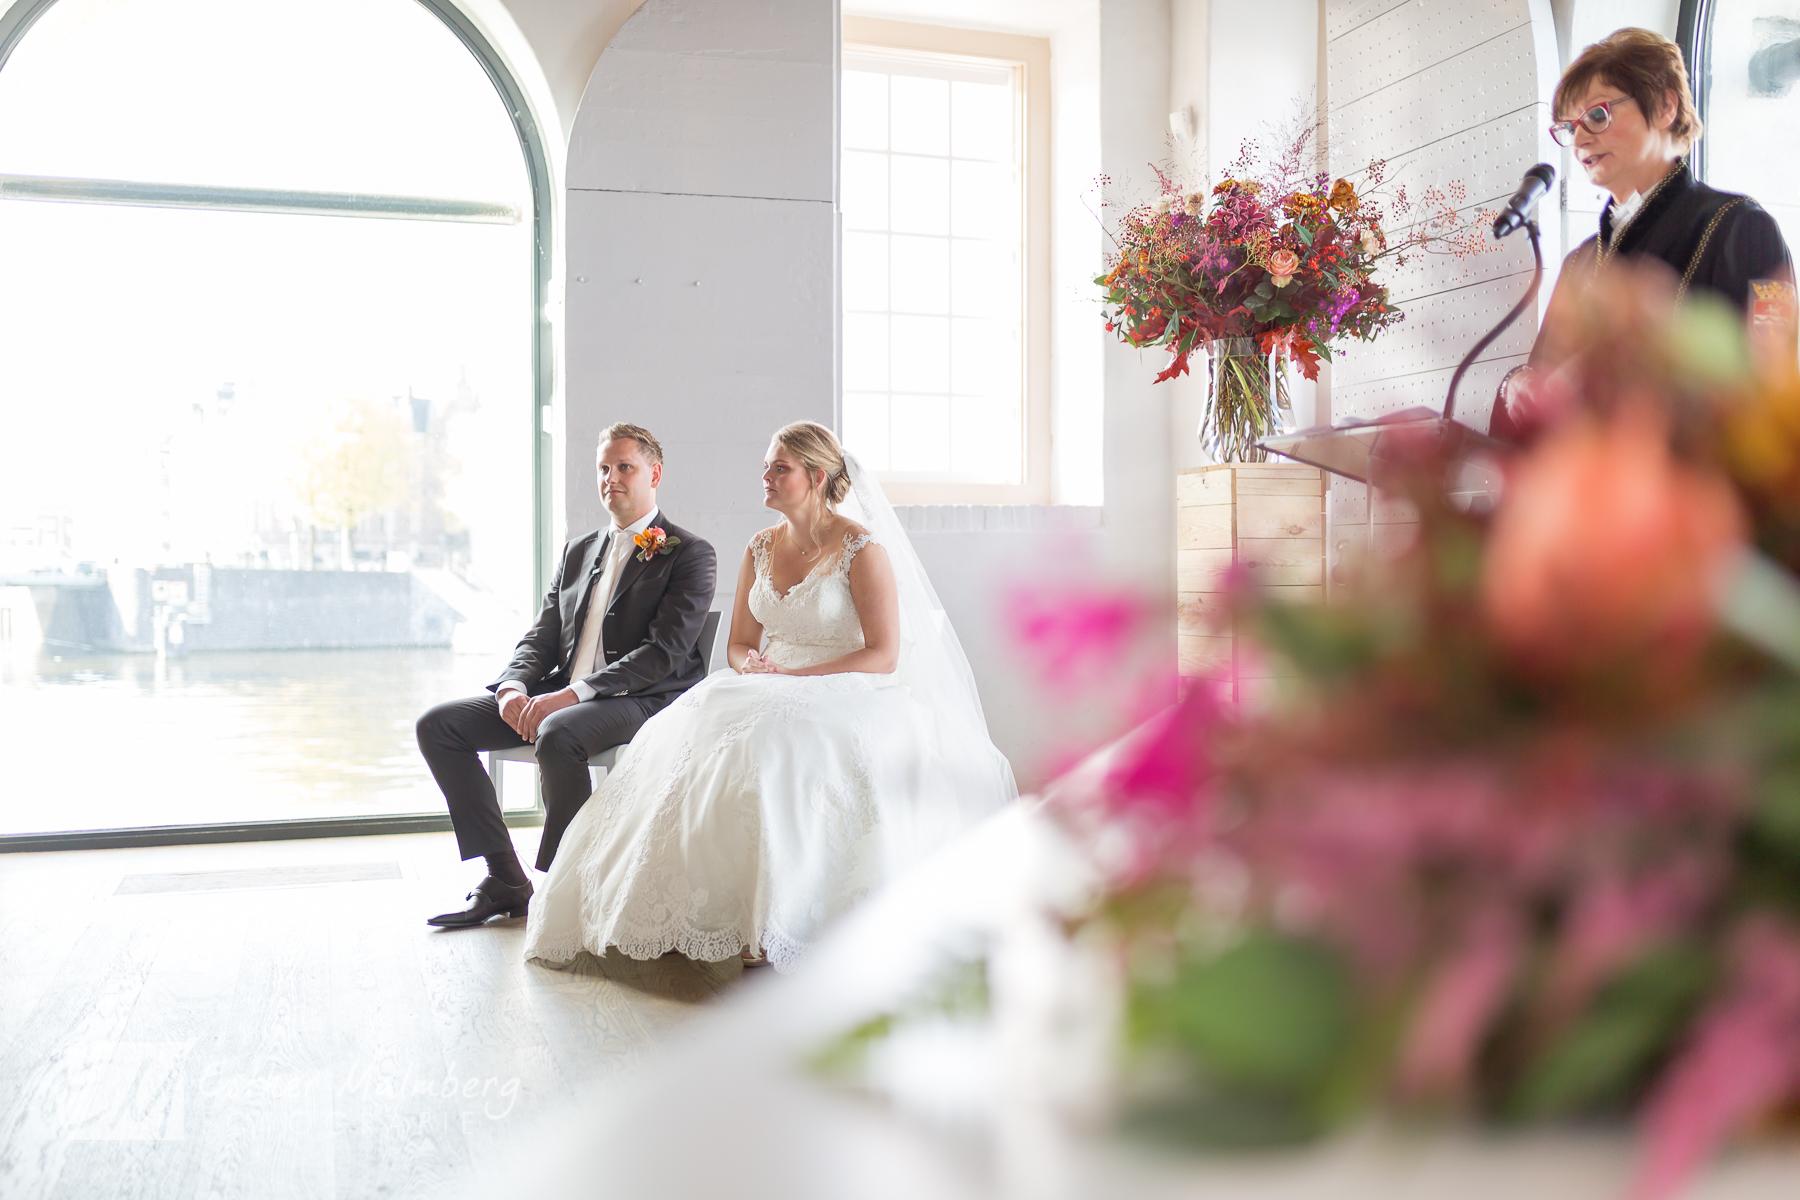 Huwelijksvoltrekking Scheepsvaartmuseum Amsterdam